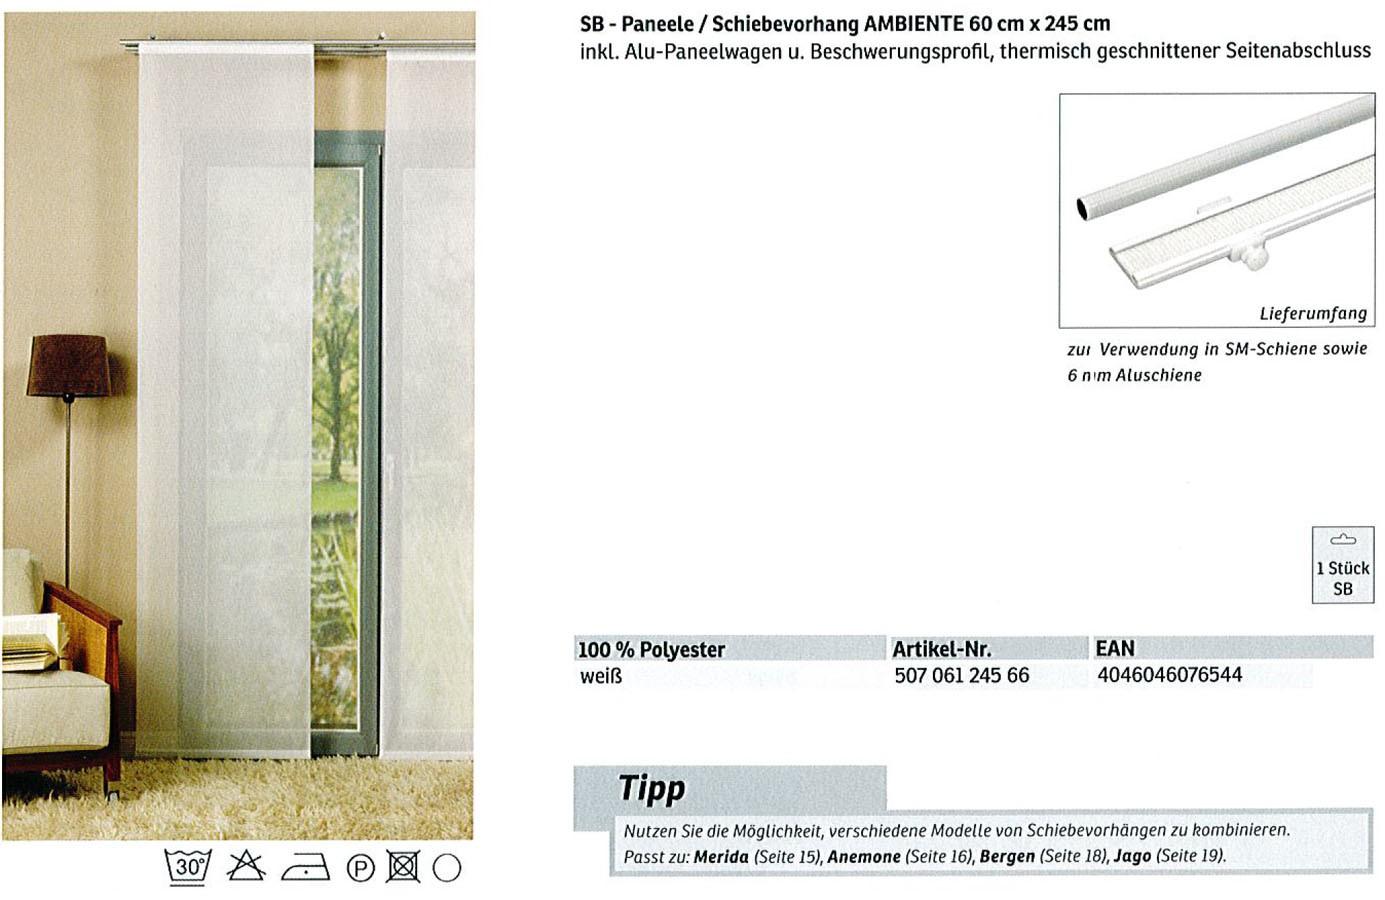 Schiebevorhang Ambiente weiß 60 x 245 cm